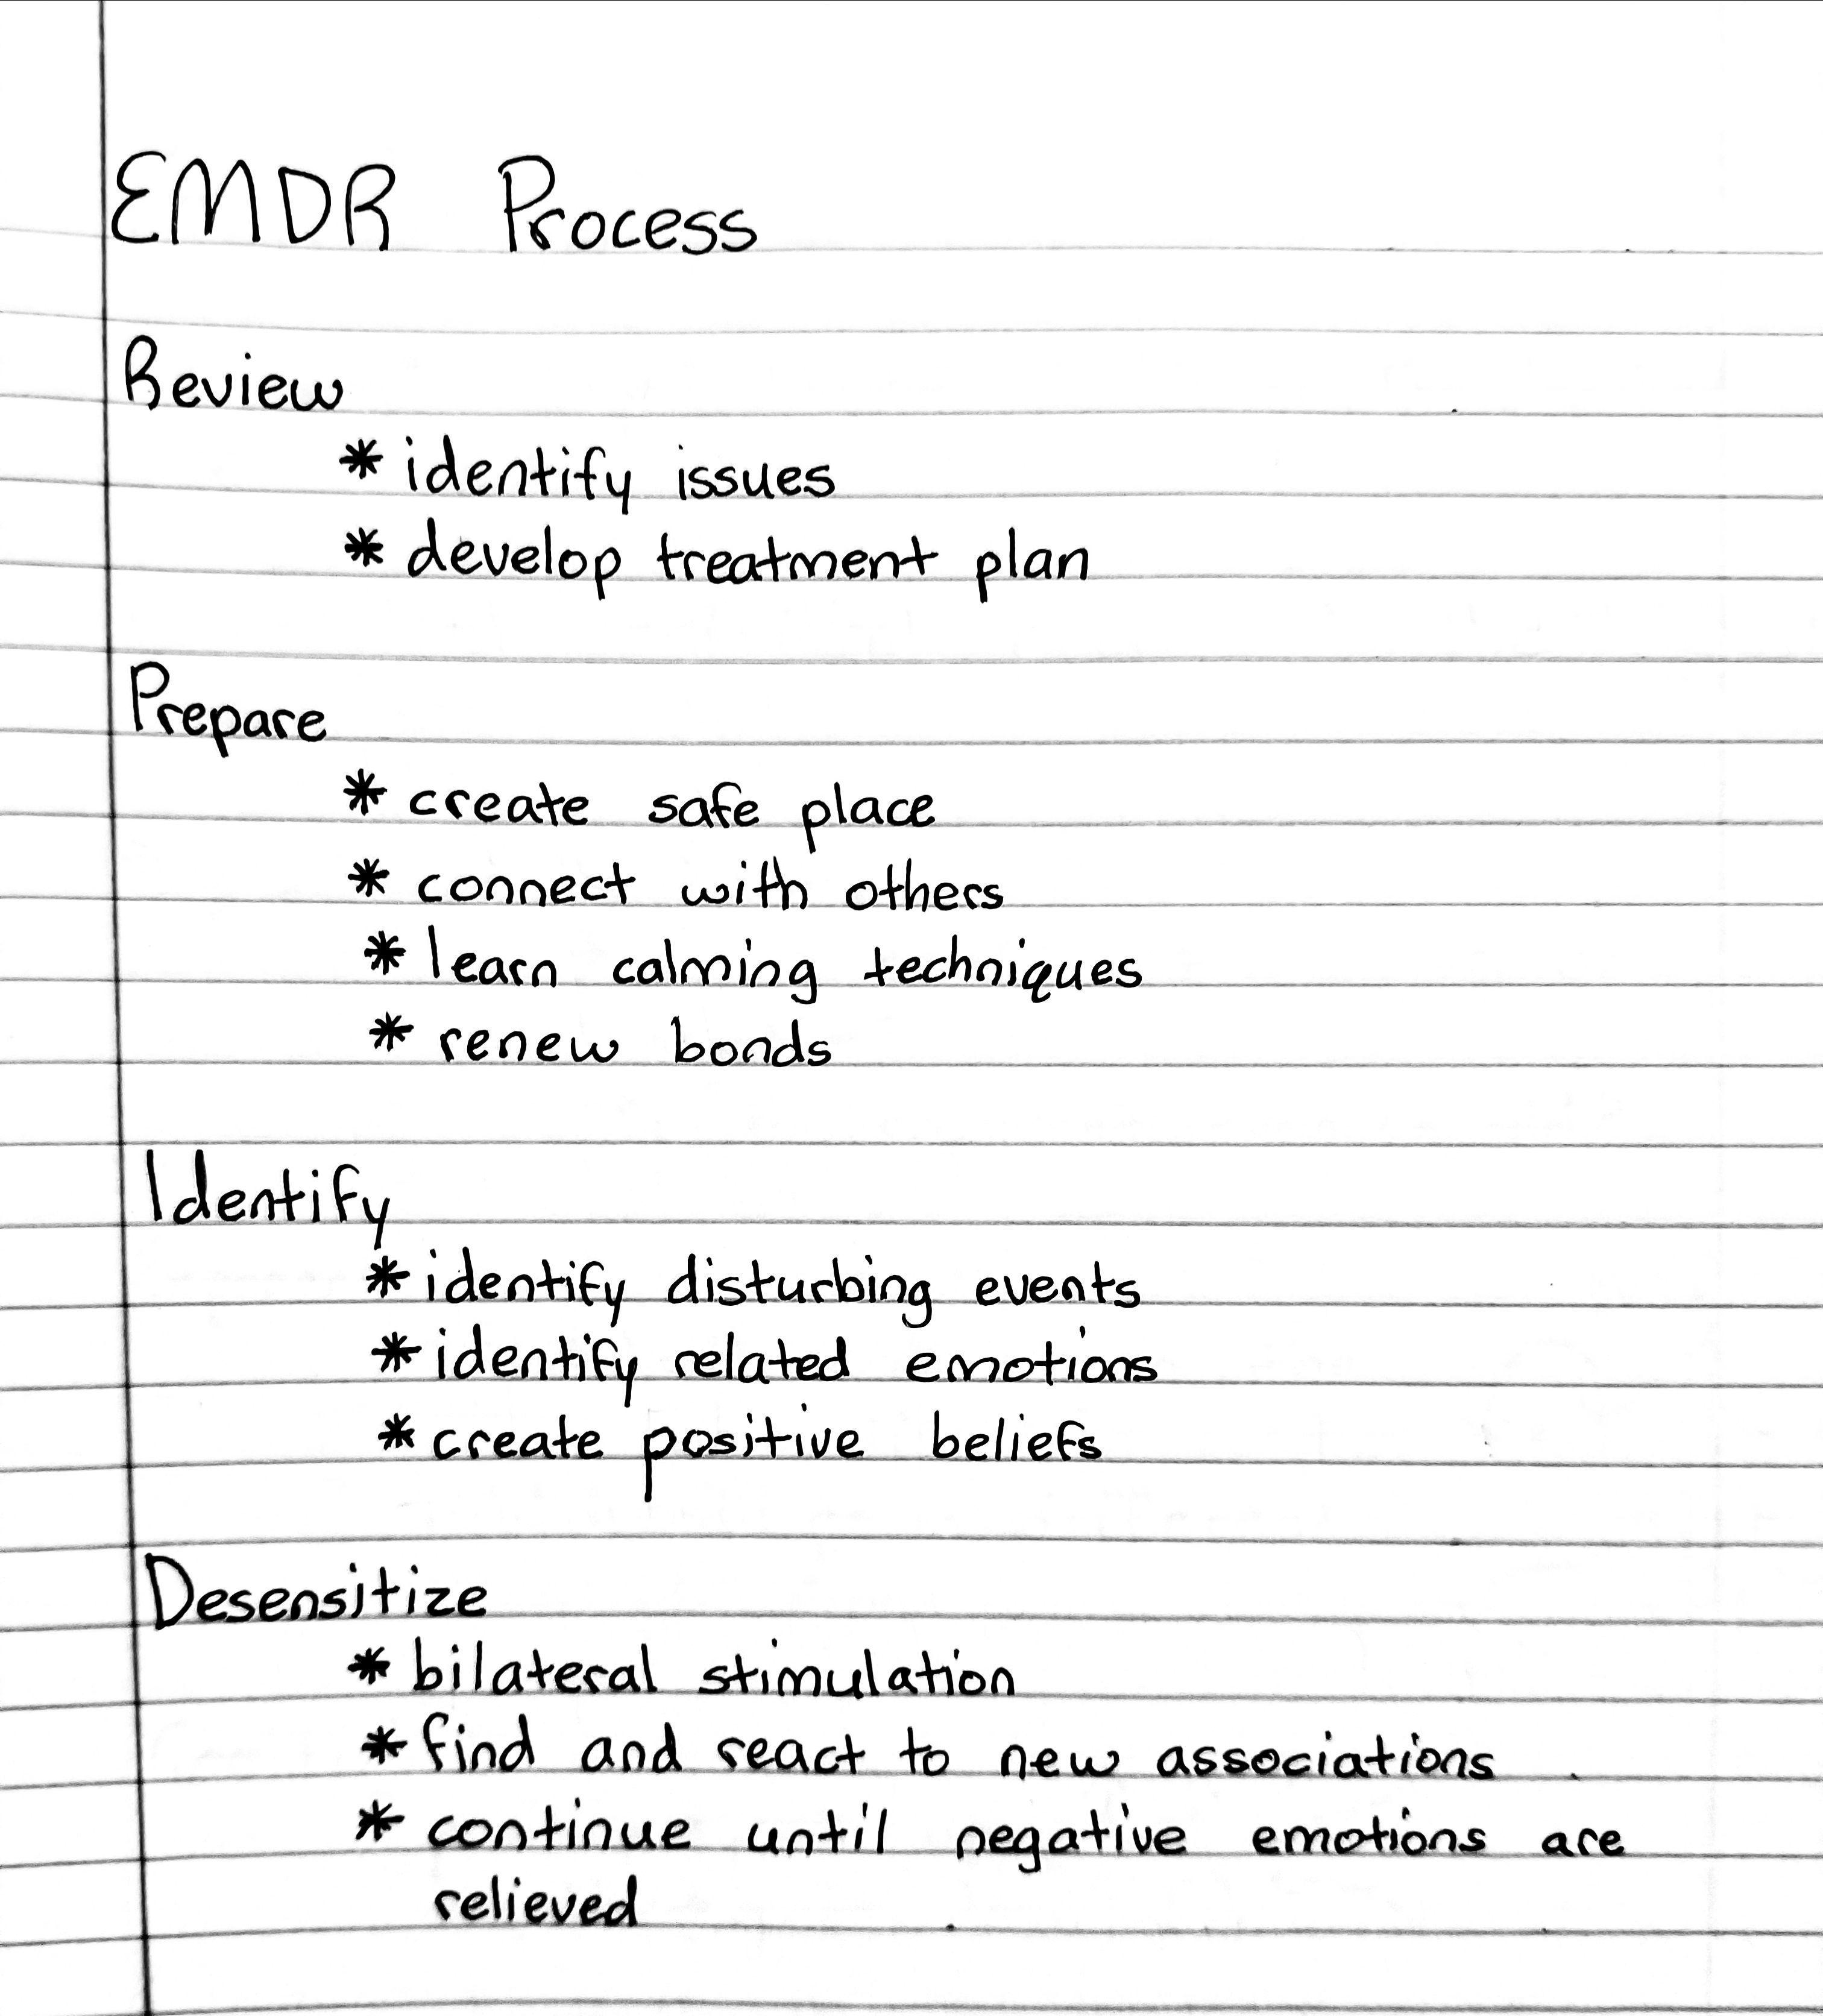 Emdr Process Myweightlossroutine